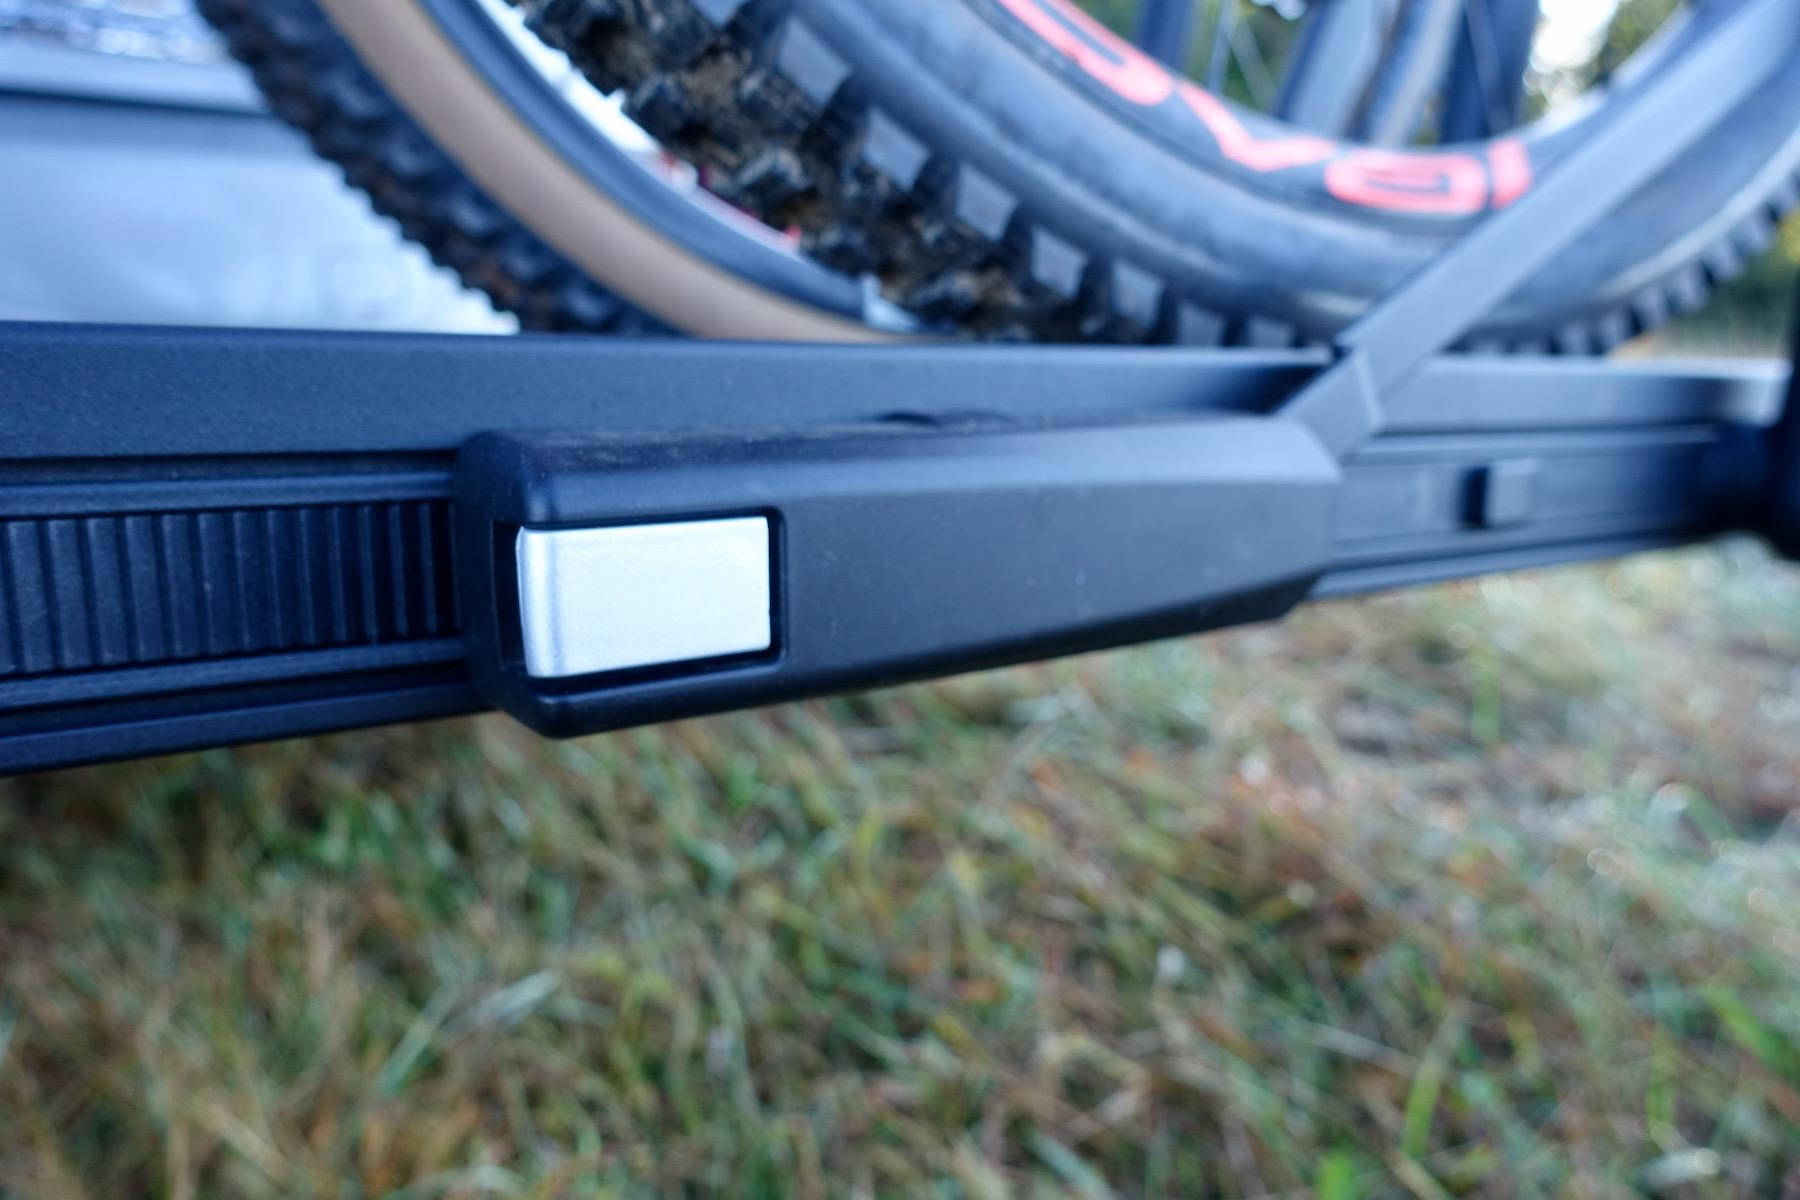 inno_bike_rack - 5 (1)